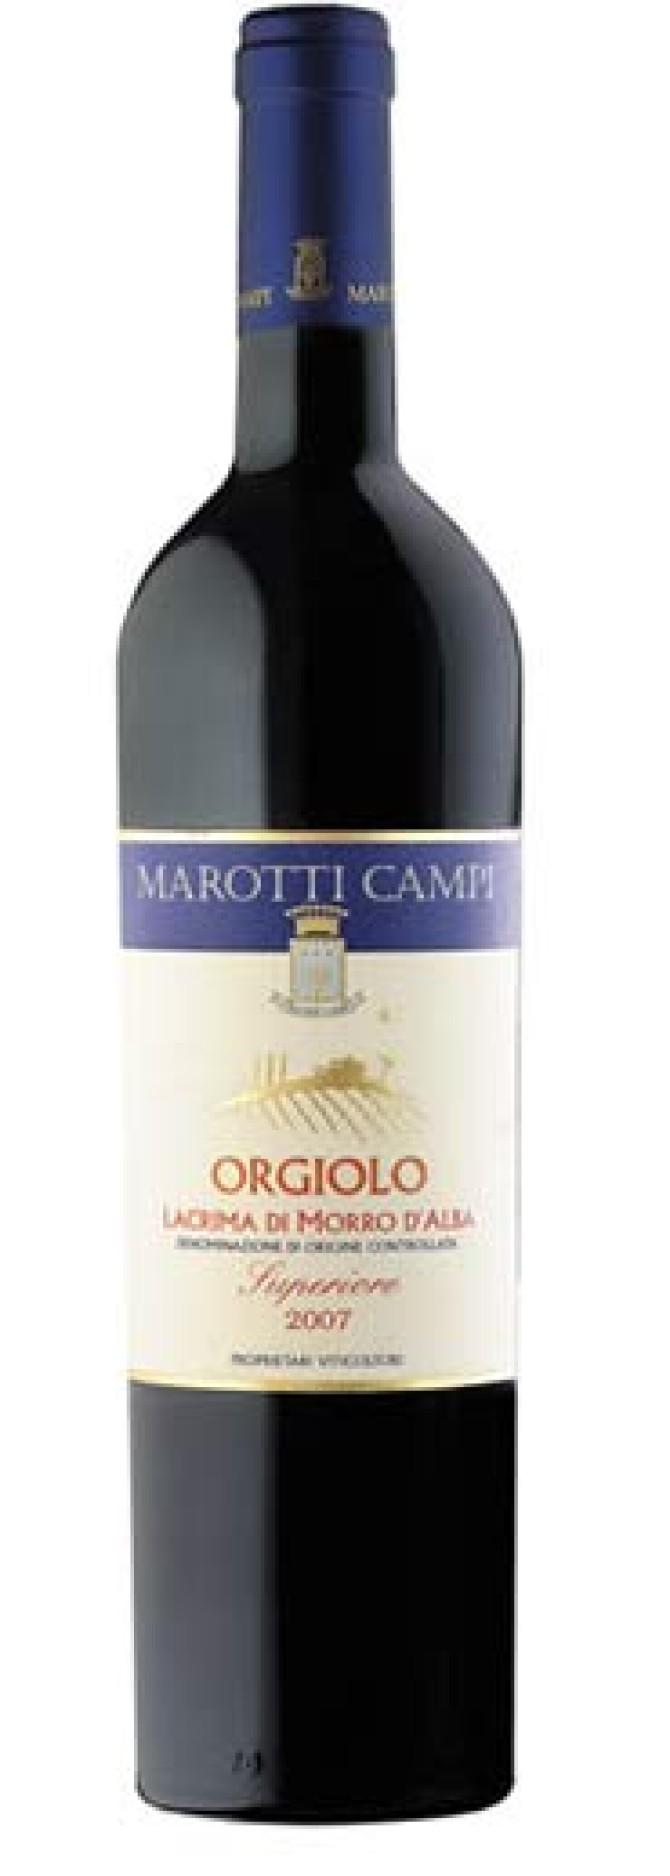 Marotti-Campi-Orgiolo-Lacrima-di-Morro-d-Alba-Superiore